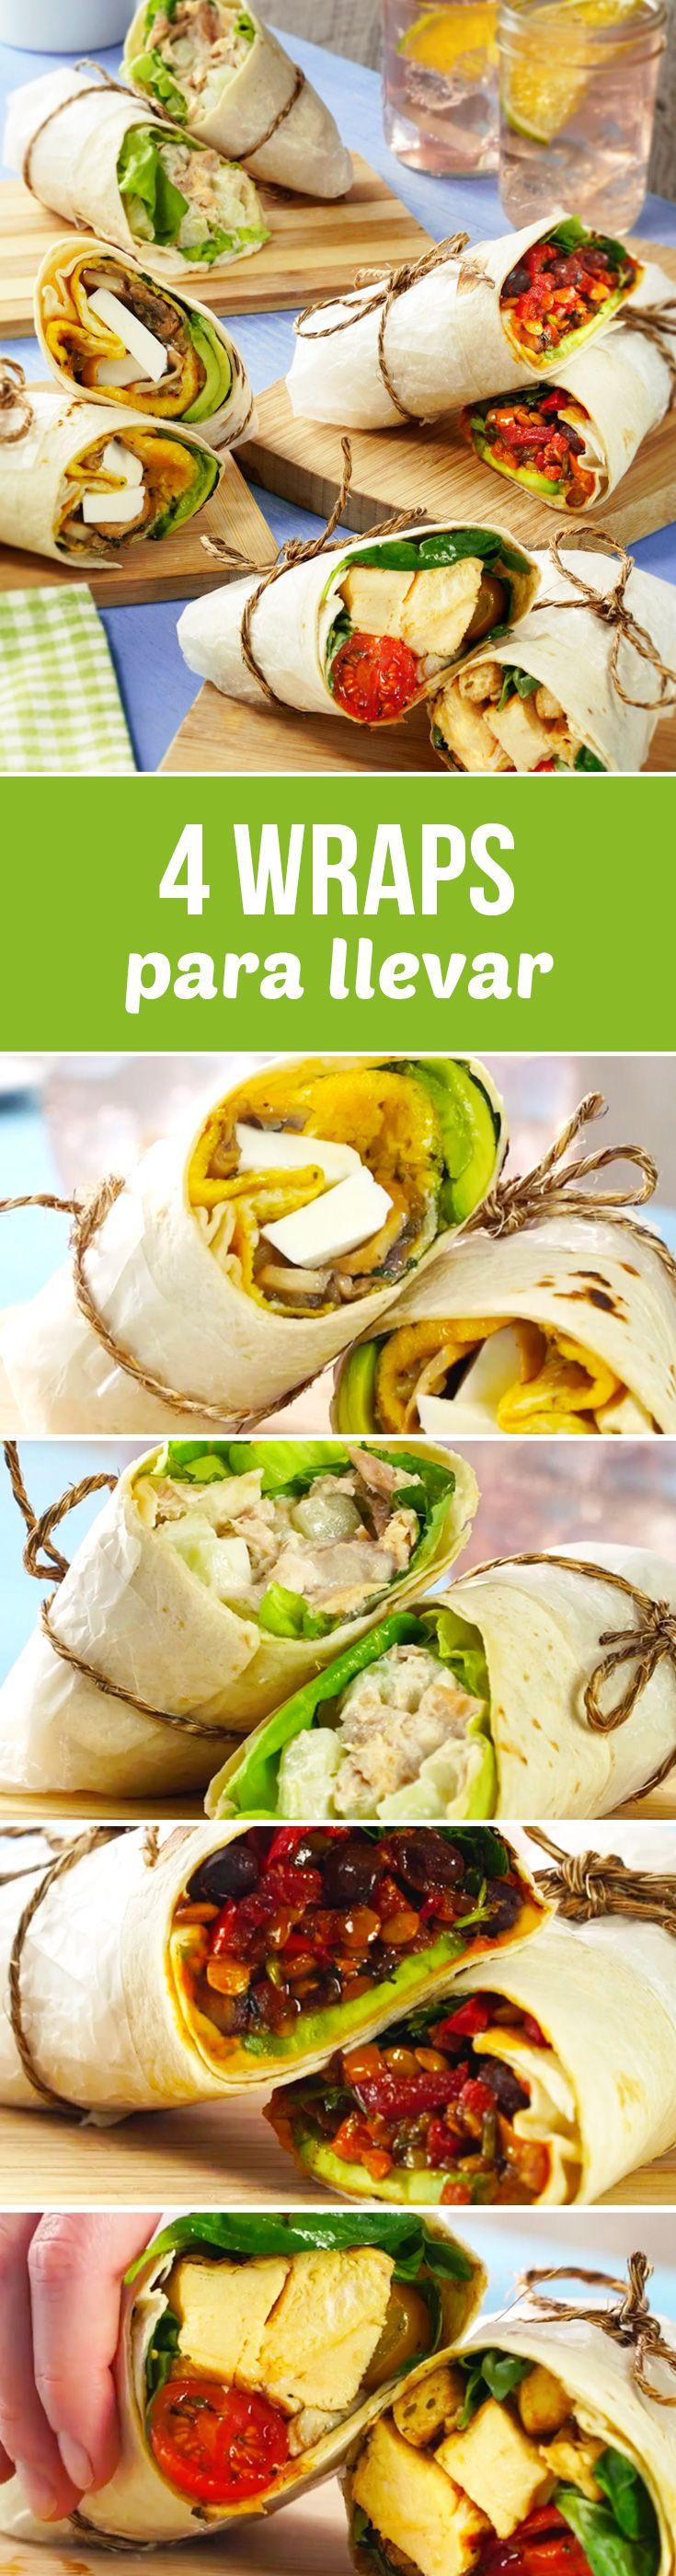 Estos wraps fáciles para llevar al trabajo son muy saludables. Prepara uno diferente cada día con tortillas de harina o tortillas integrales.